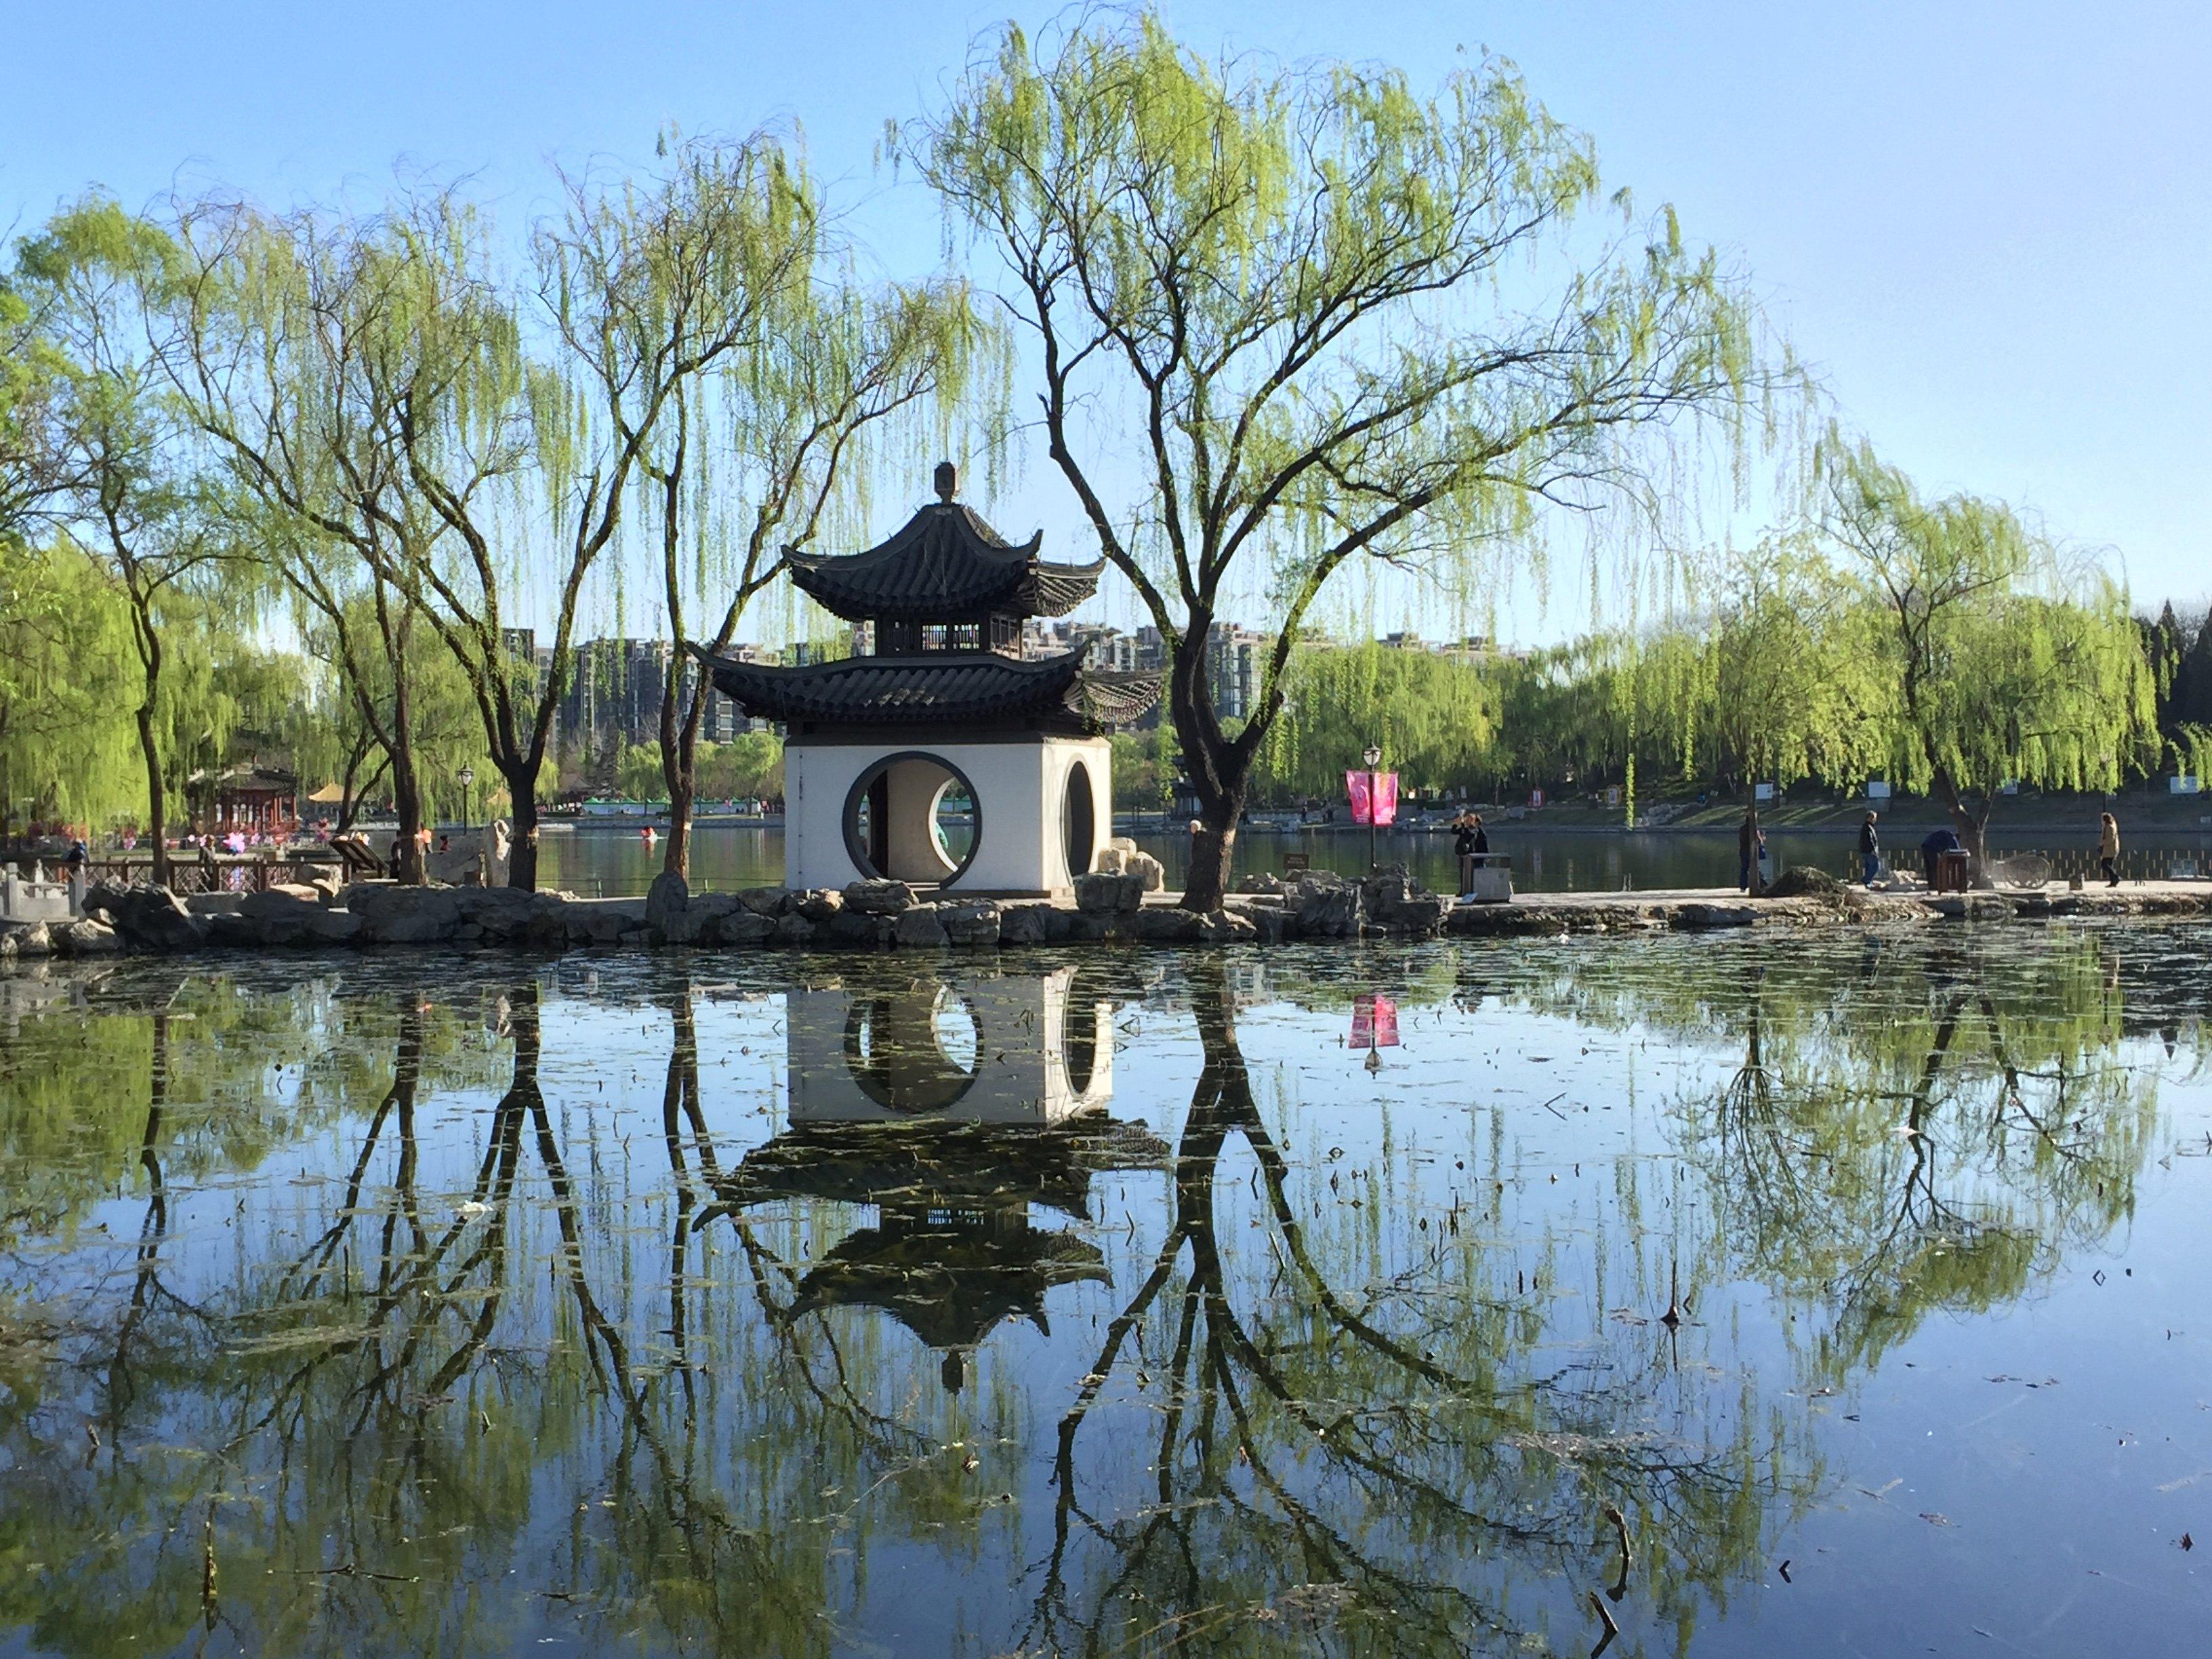 【携程攻略】北京陶然亭公园好玩吗,北京陶然亭公园样